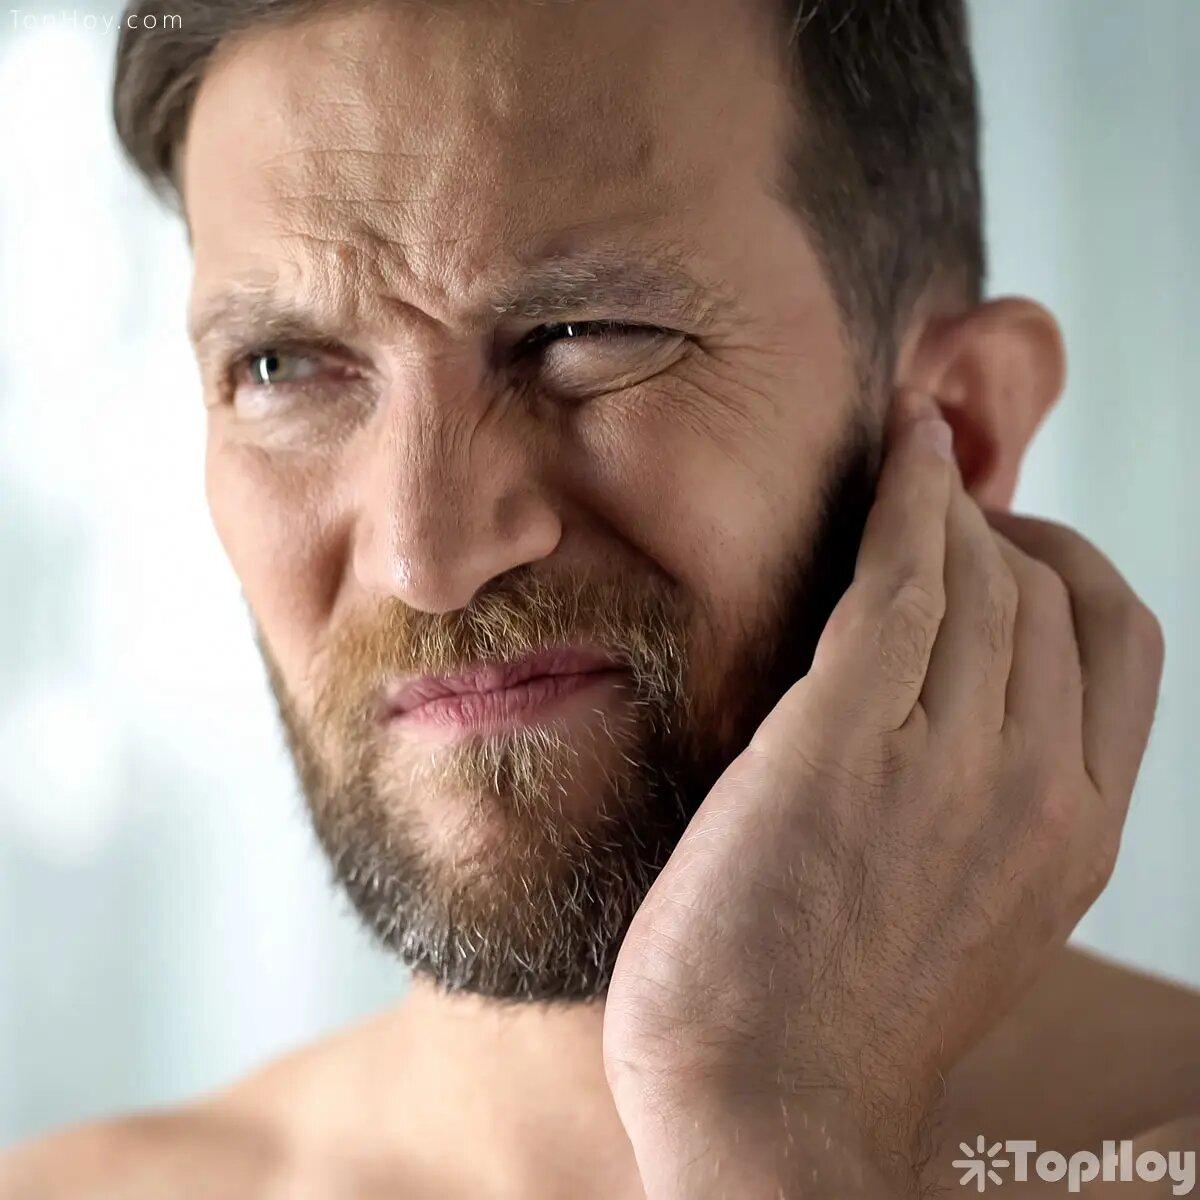 Otra de las supersticiones latinas es que si te pica el oído izquierdo seguramente alguien está hablando mal de ti.